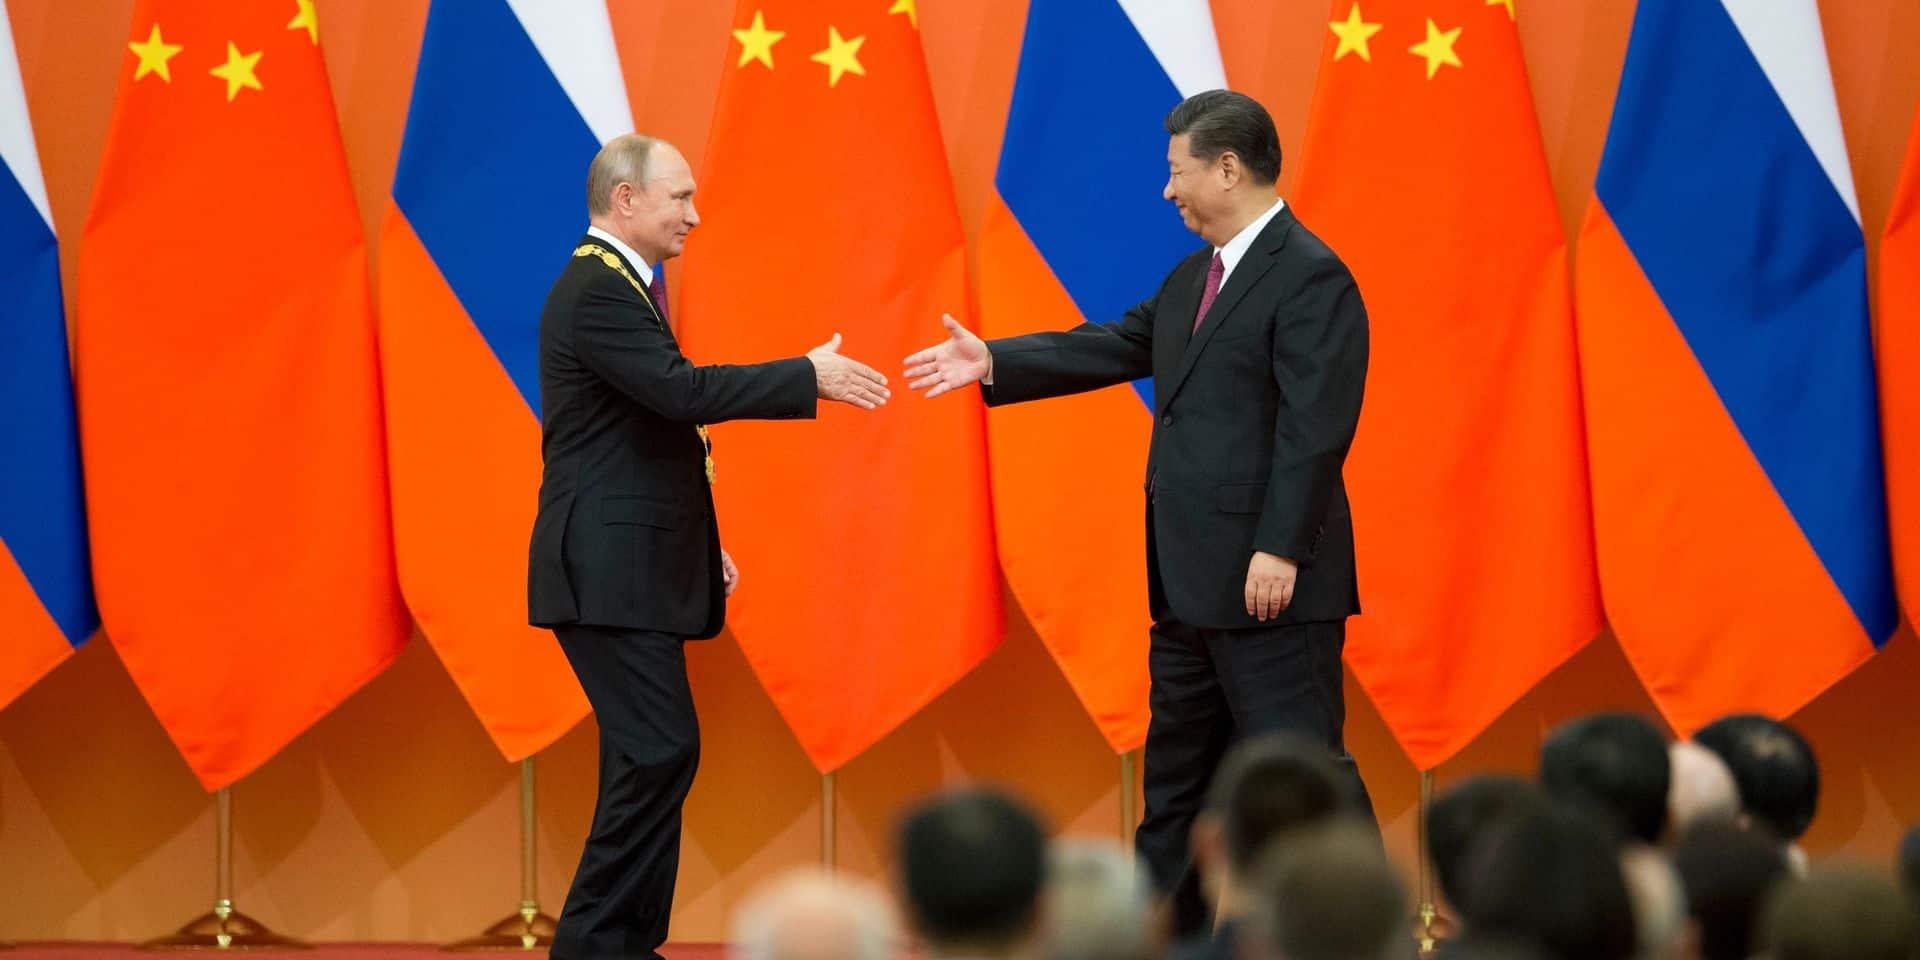 """Quand Vladimir Poutine reçoit la """"Médaille de l'amitié"""" des mains de Xi Jinping"""